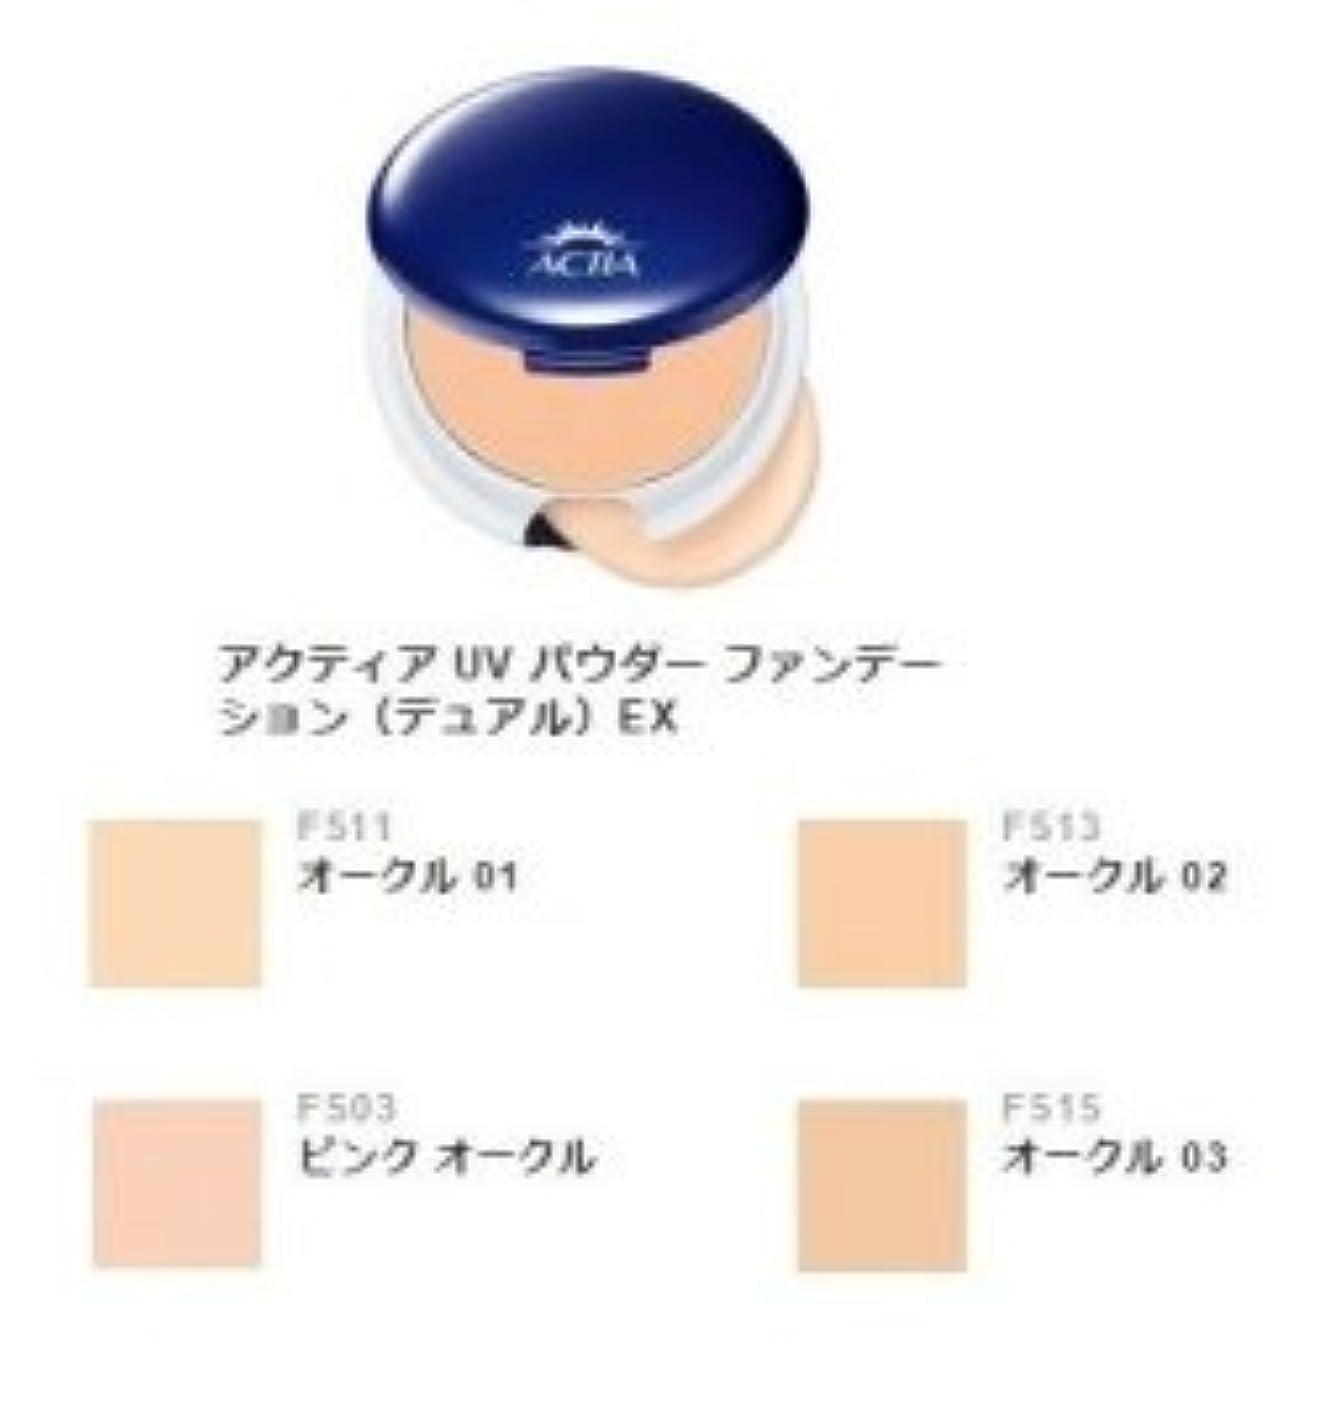 利益正義ドライバエイボン(AVON) アクティア UV パウダーファンデーション(デュアル)EX(リフィル)F515 オークル03